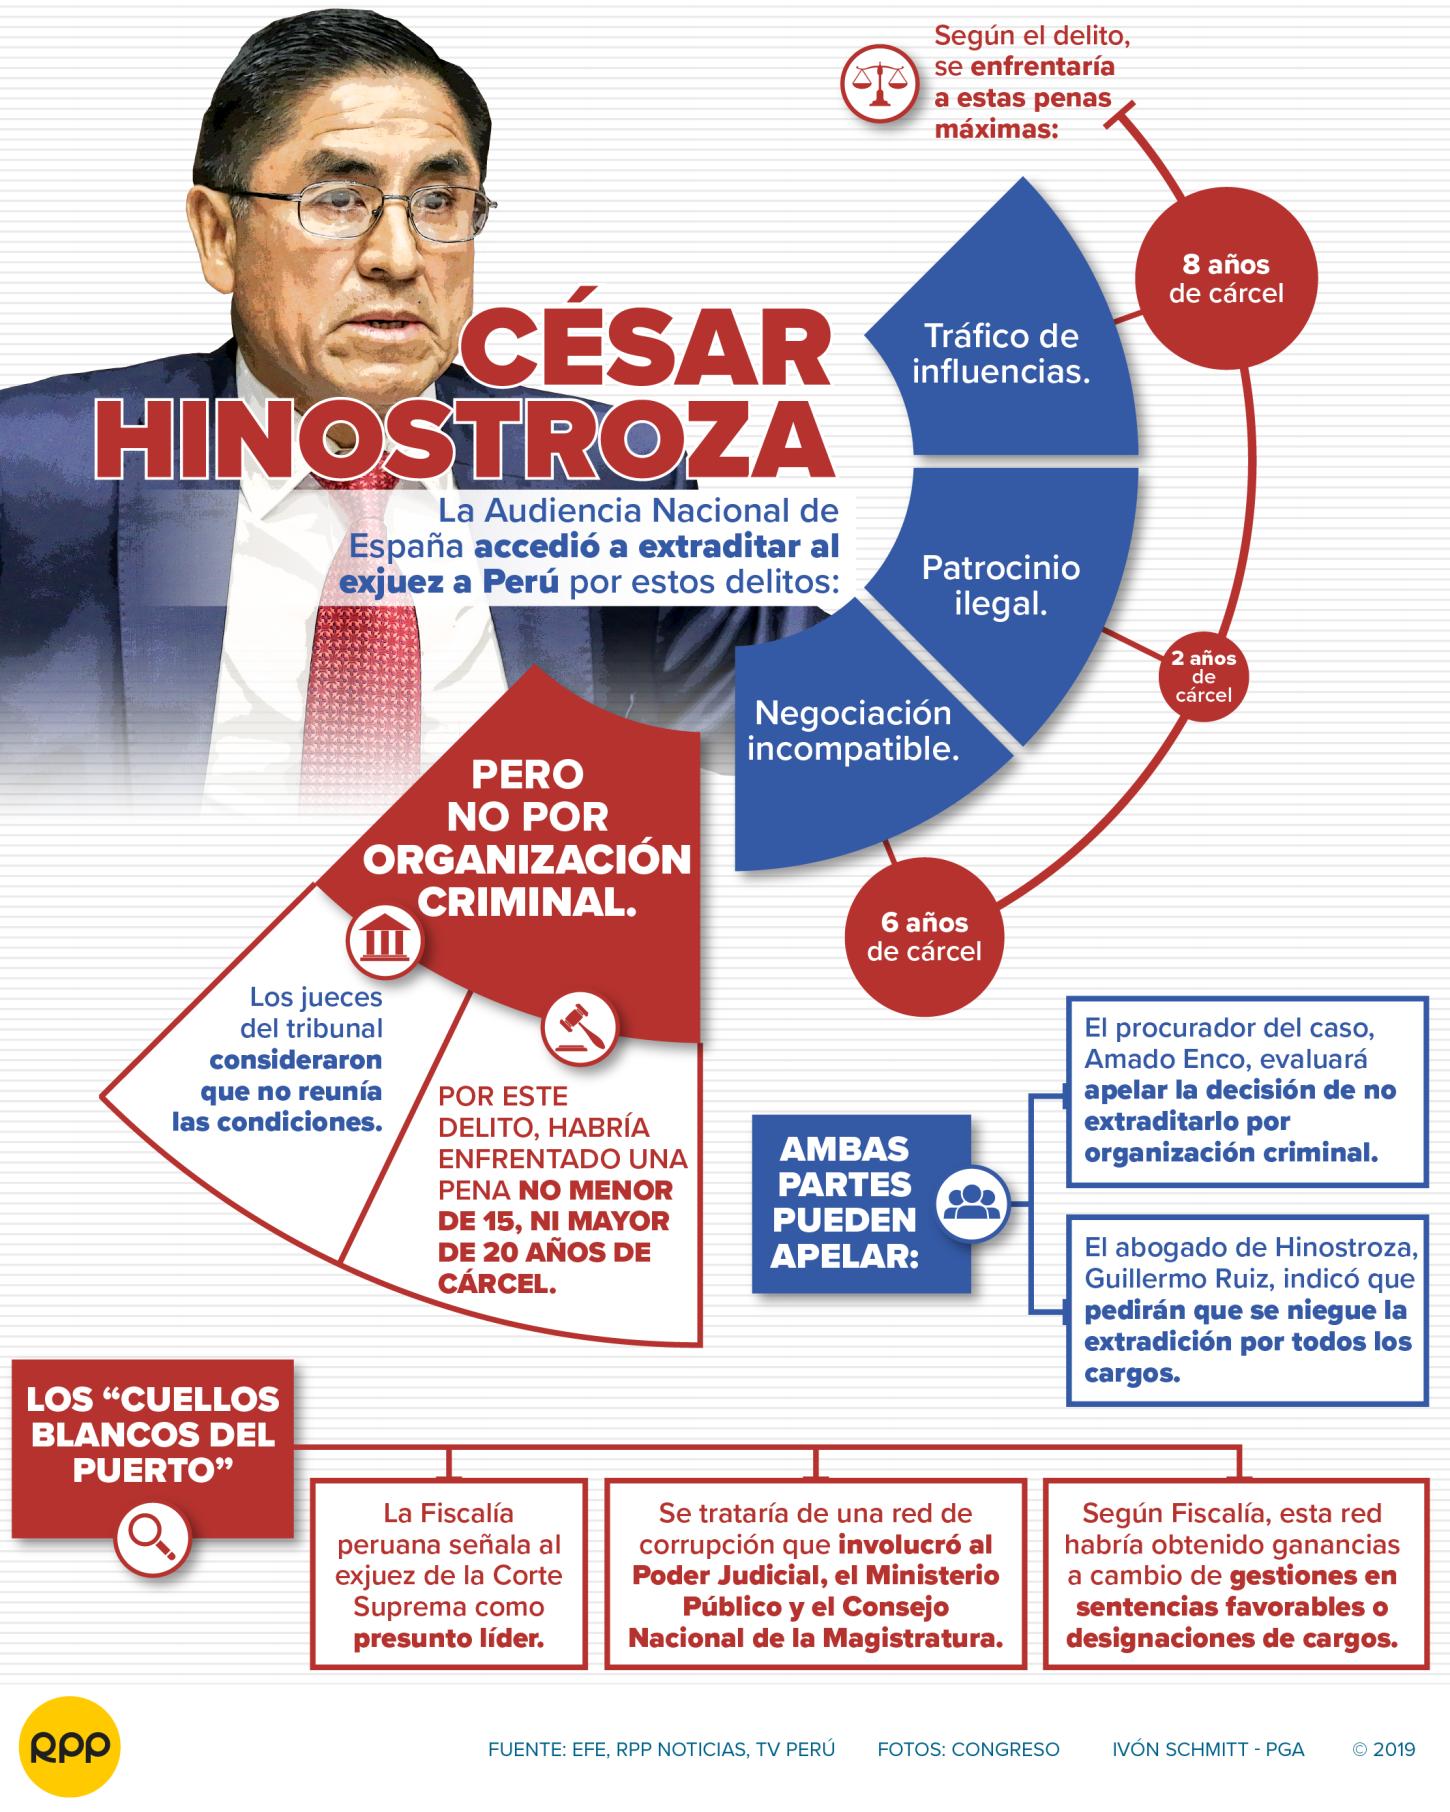 Caso César Hinostroza